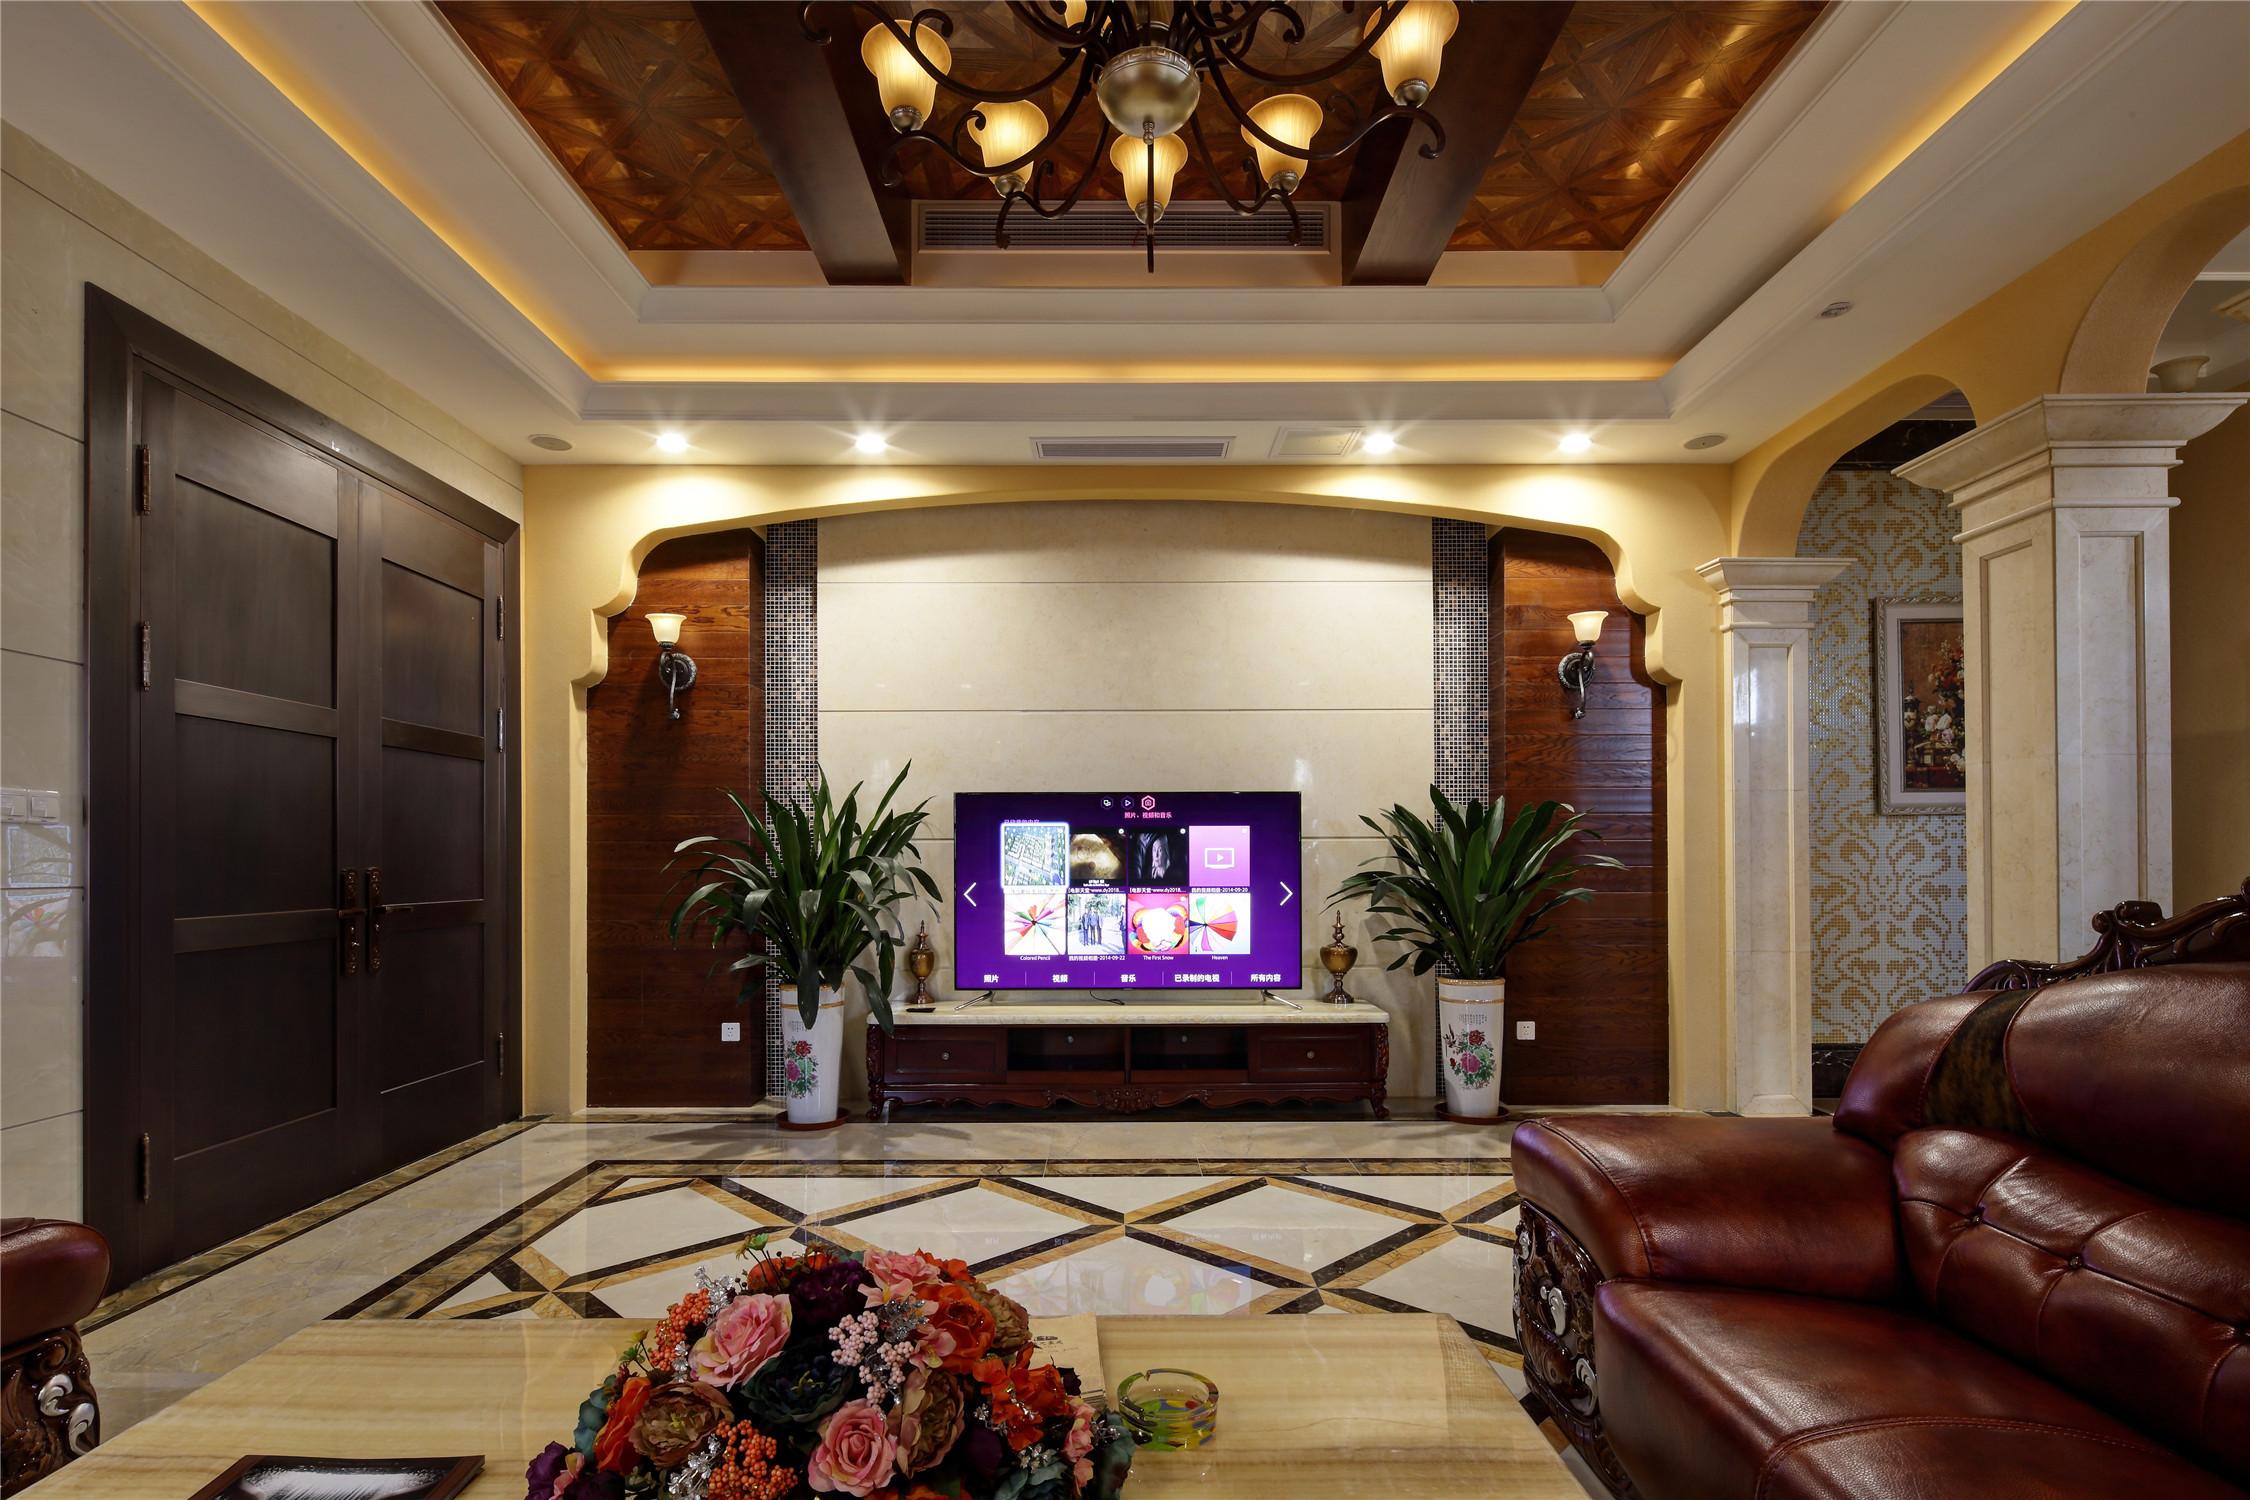 美式风格别墅装修电视背景墙图片